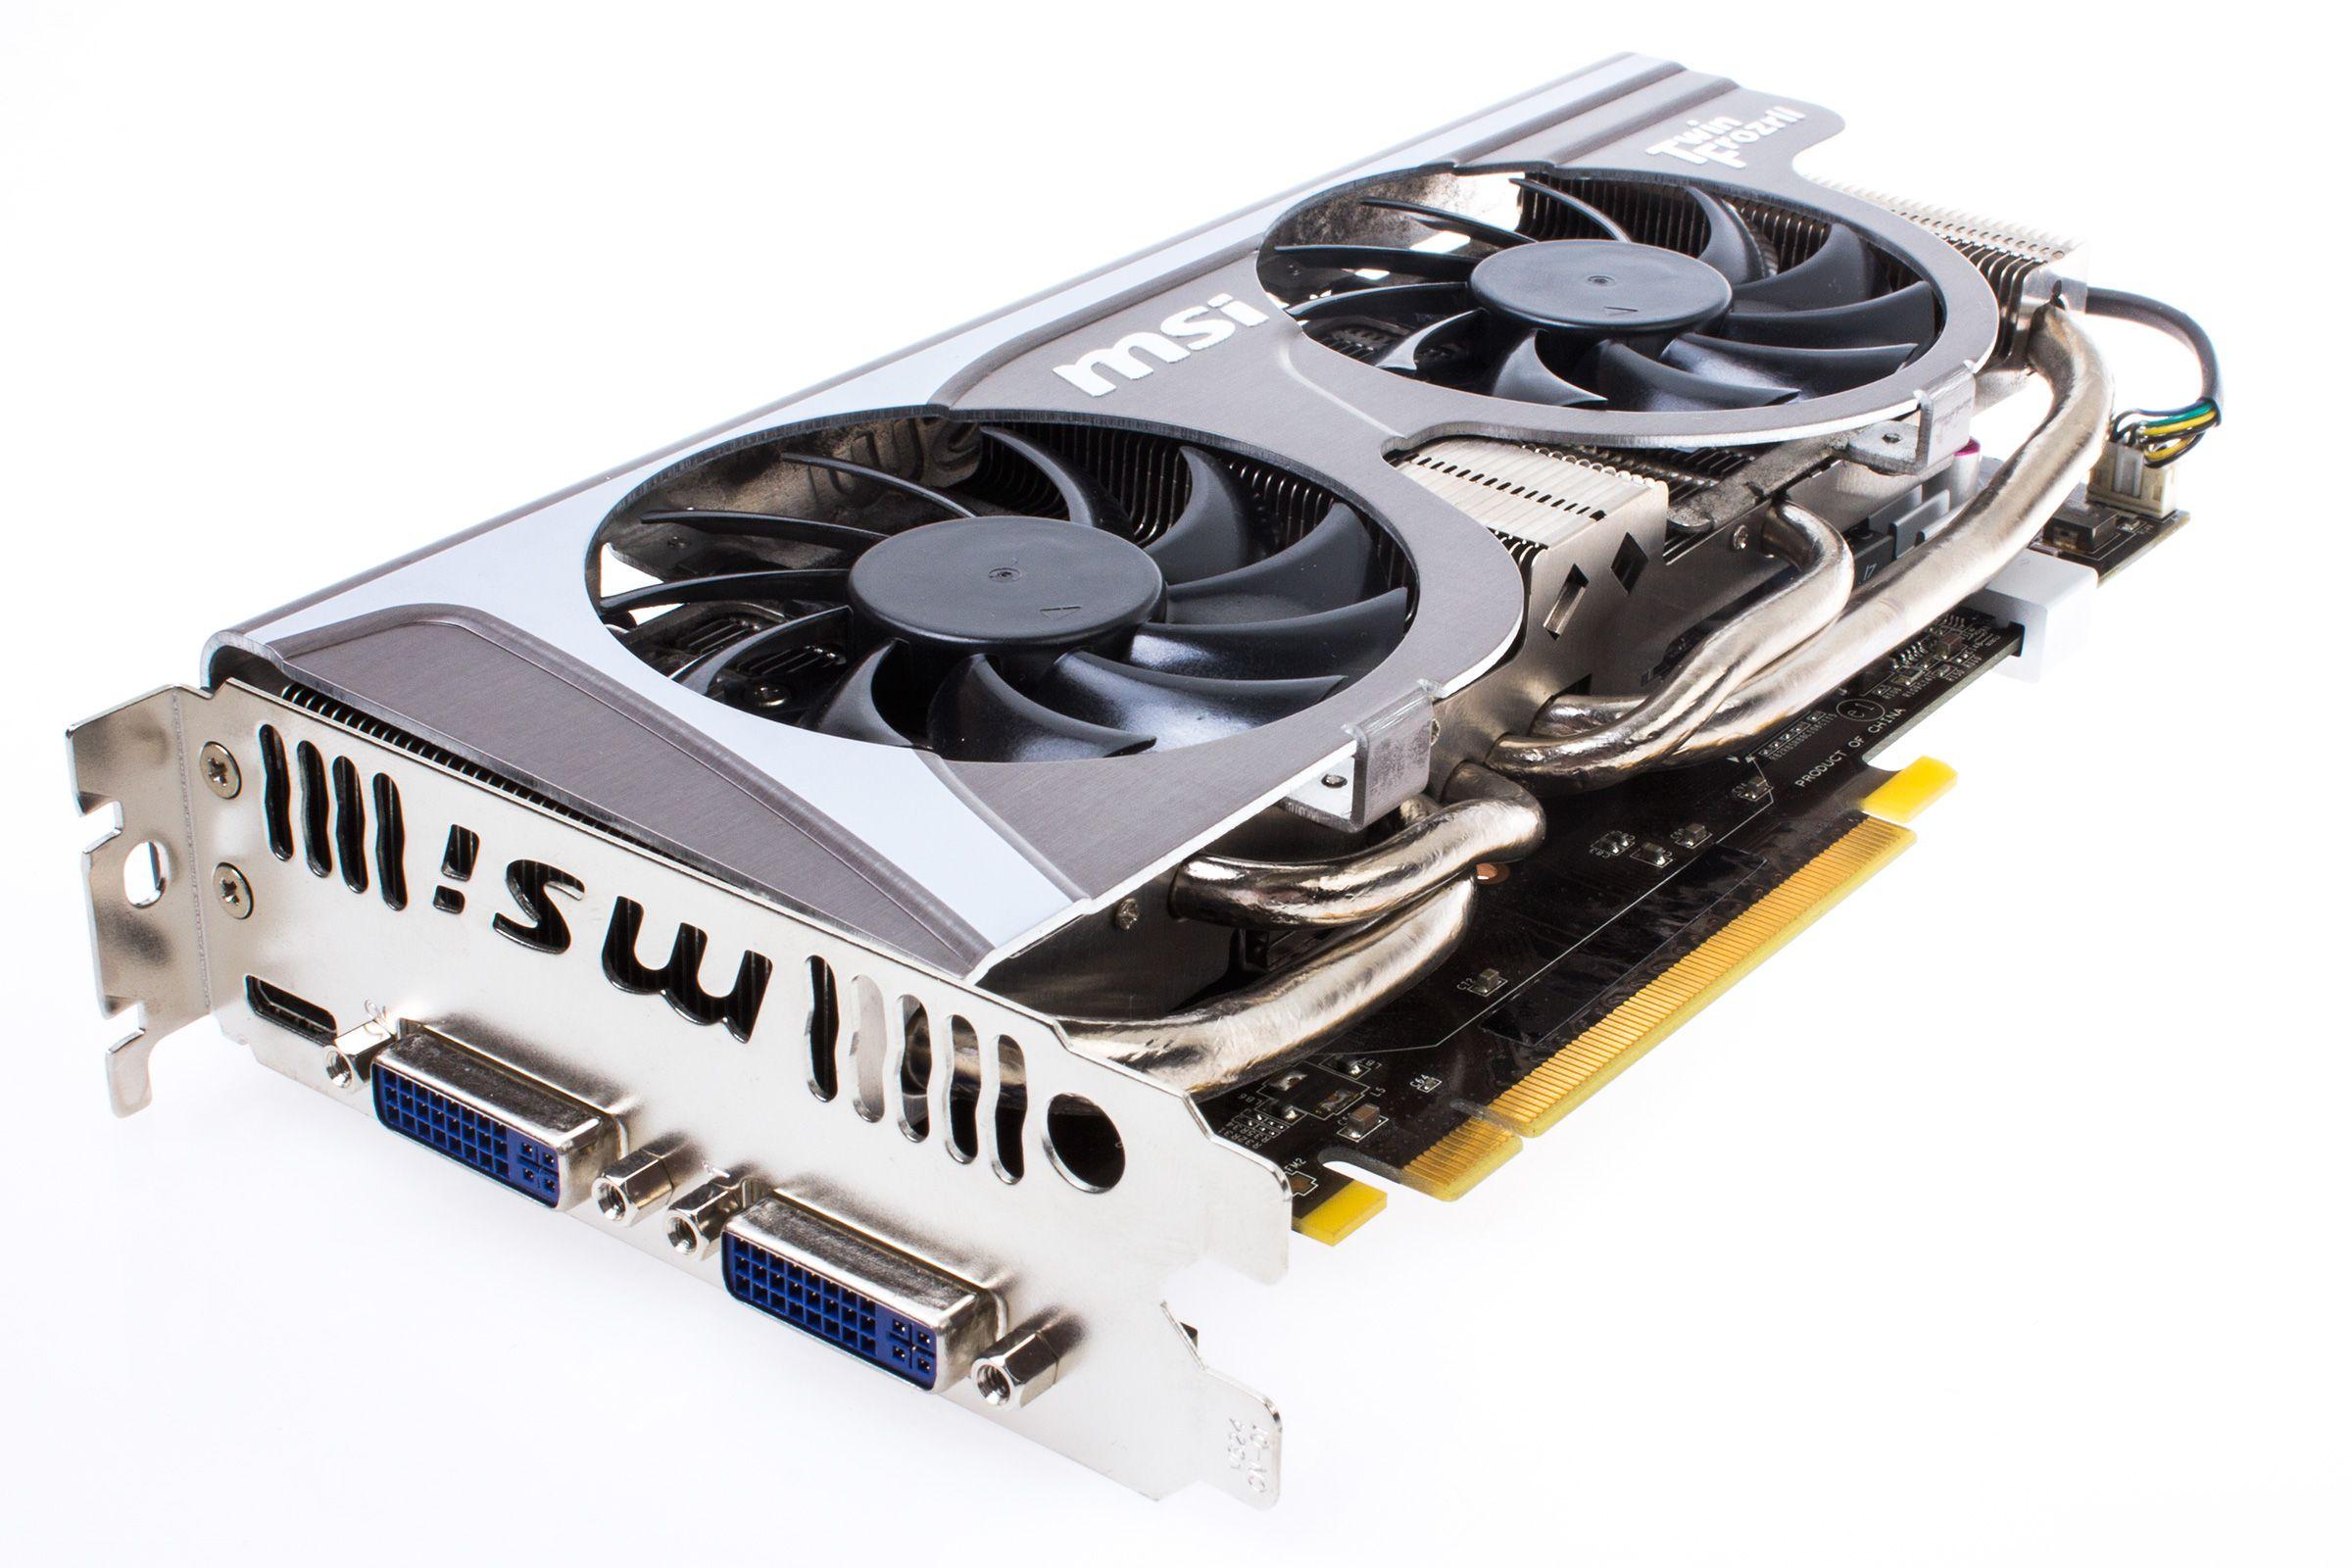 MSIs TwinFrozr II-kjøler, nesten uendret fra Radeon HD 5870 Lightning, begynte å trekke litt på årene innen GeForce GTX 560 Ti kom ut.Foto: Varg Aamo, Hardware.no